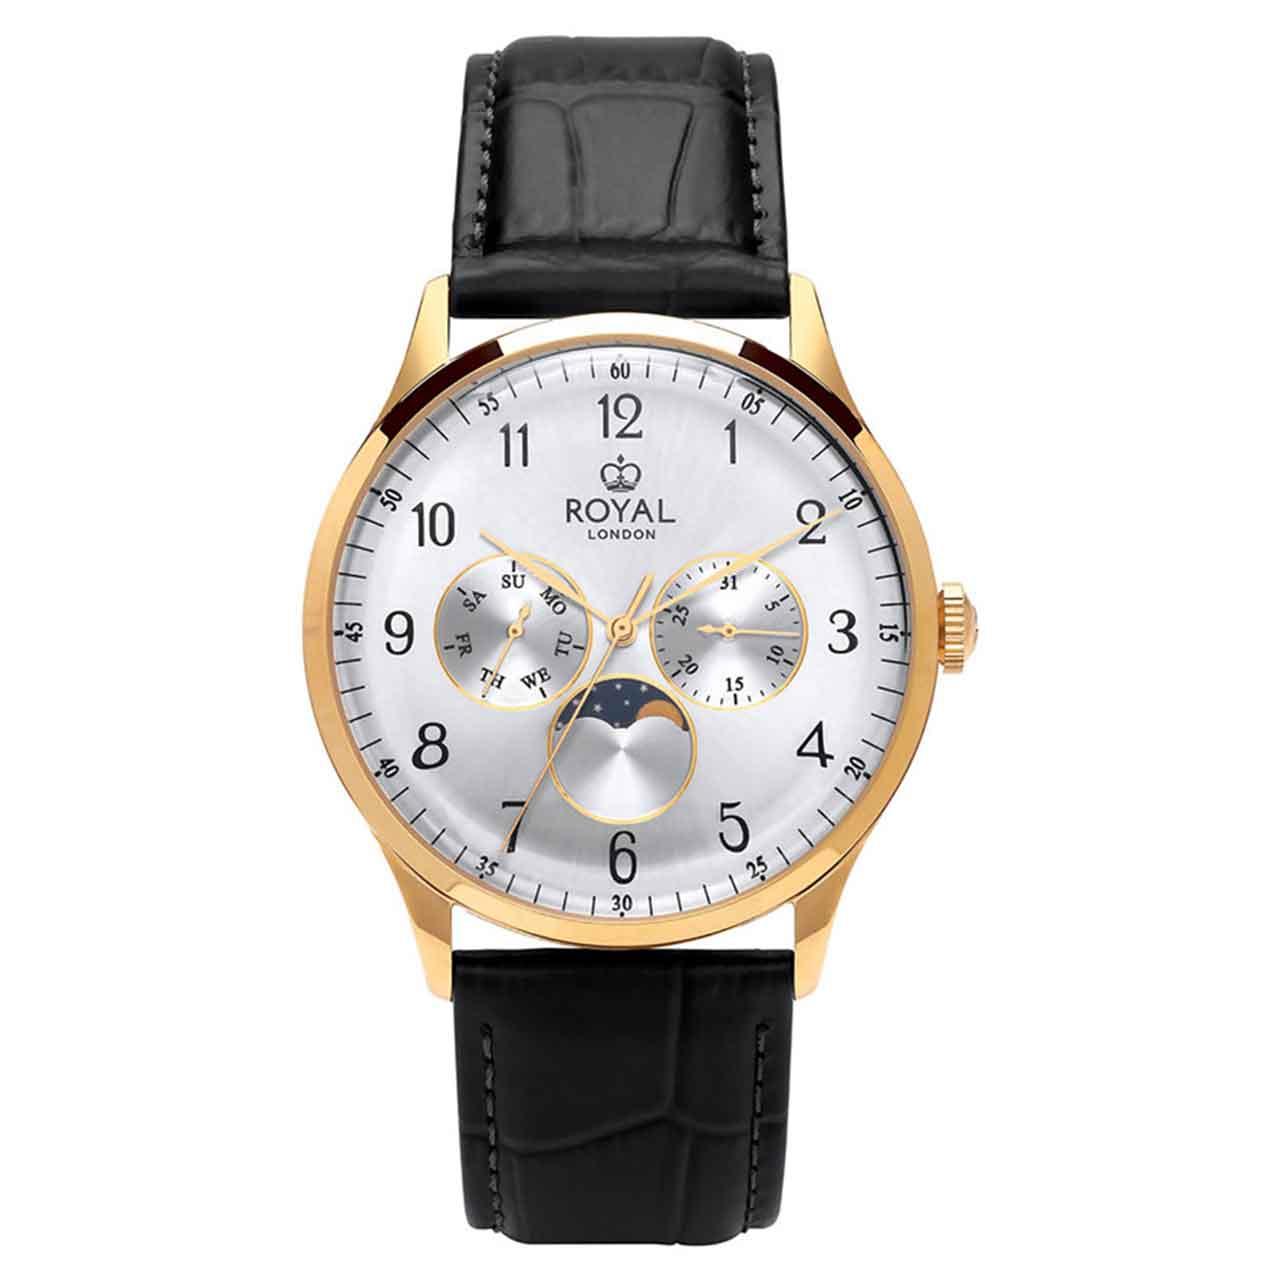 ساعت مچی عقربه ای مردانه رویال لندن مدل RL-41390-03 52